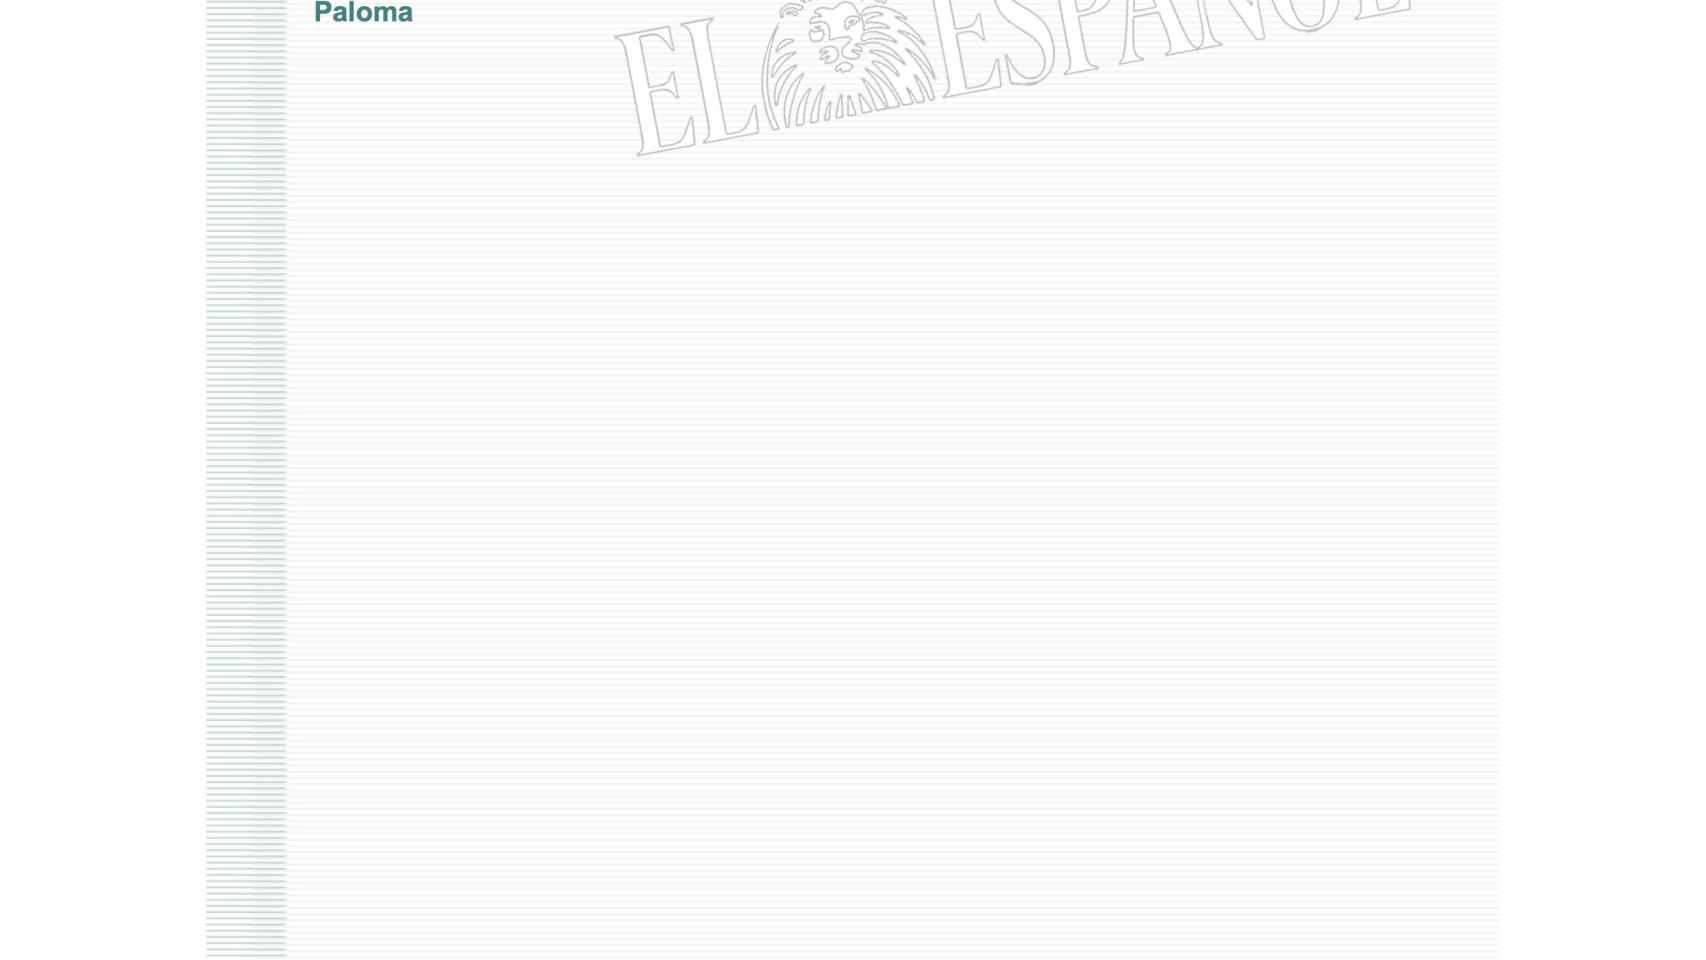 Correo electrónico entre los directivos de AENA